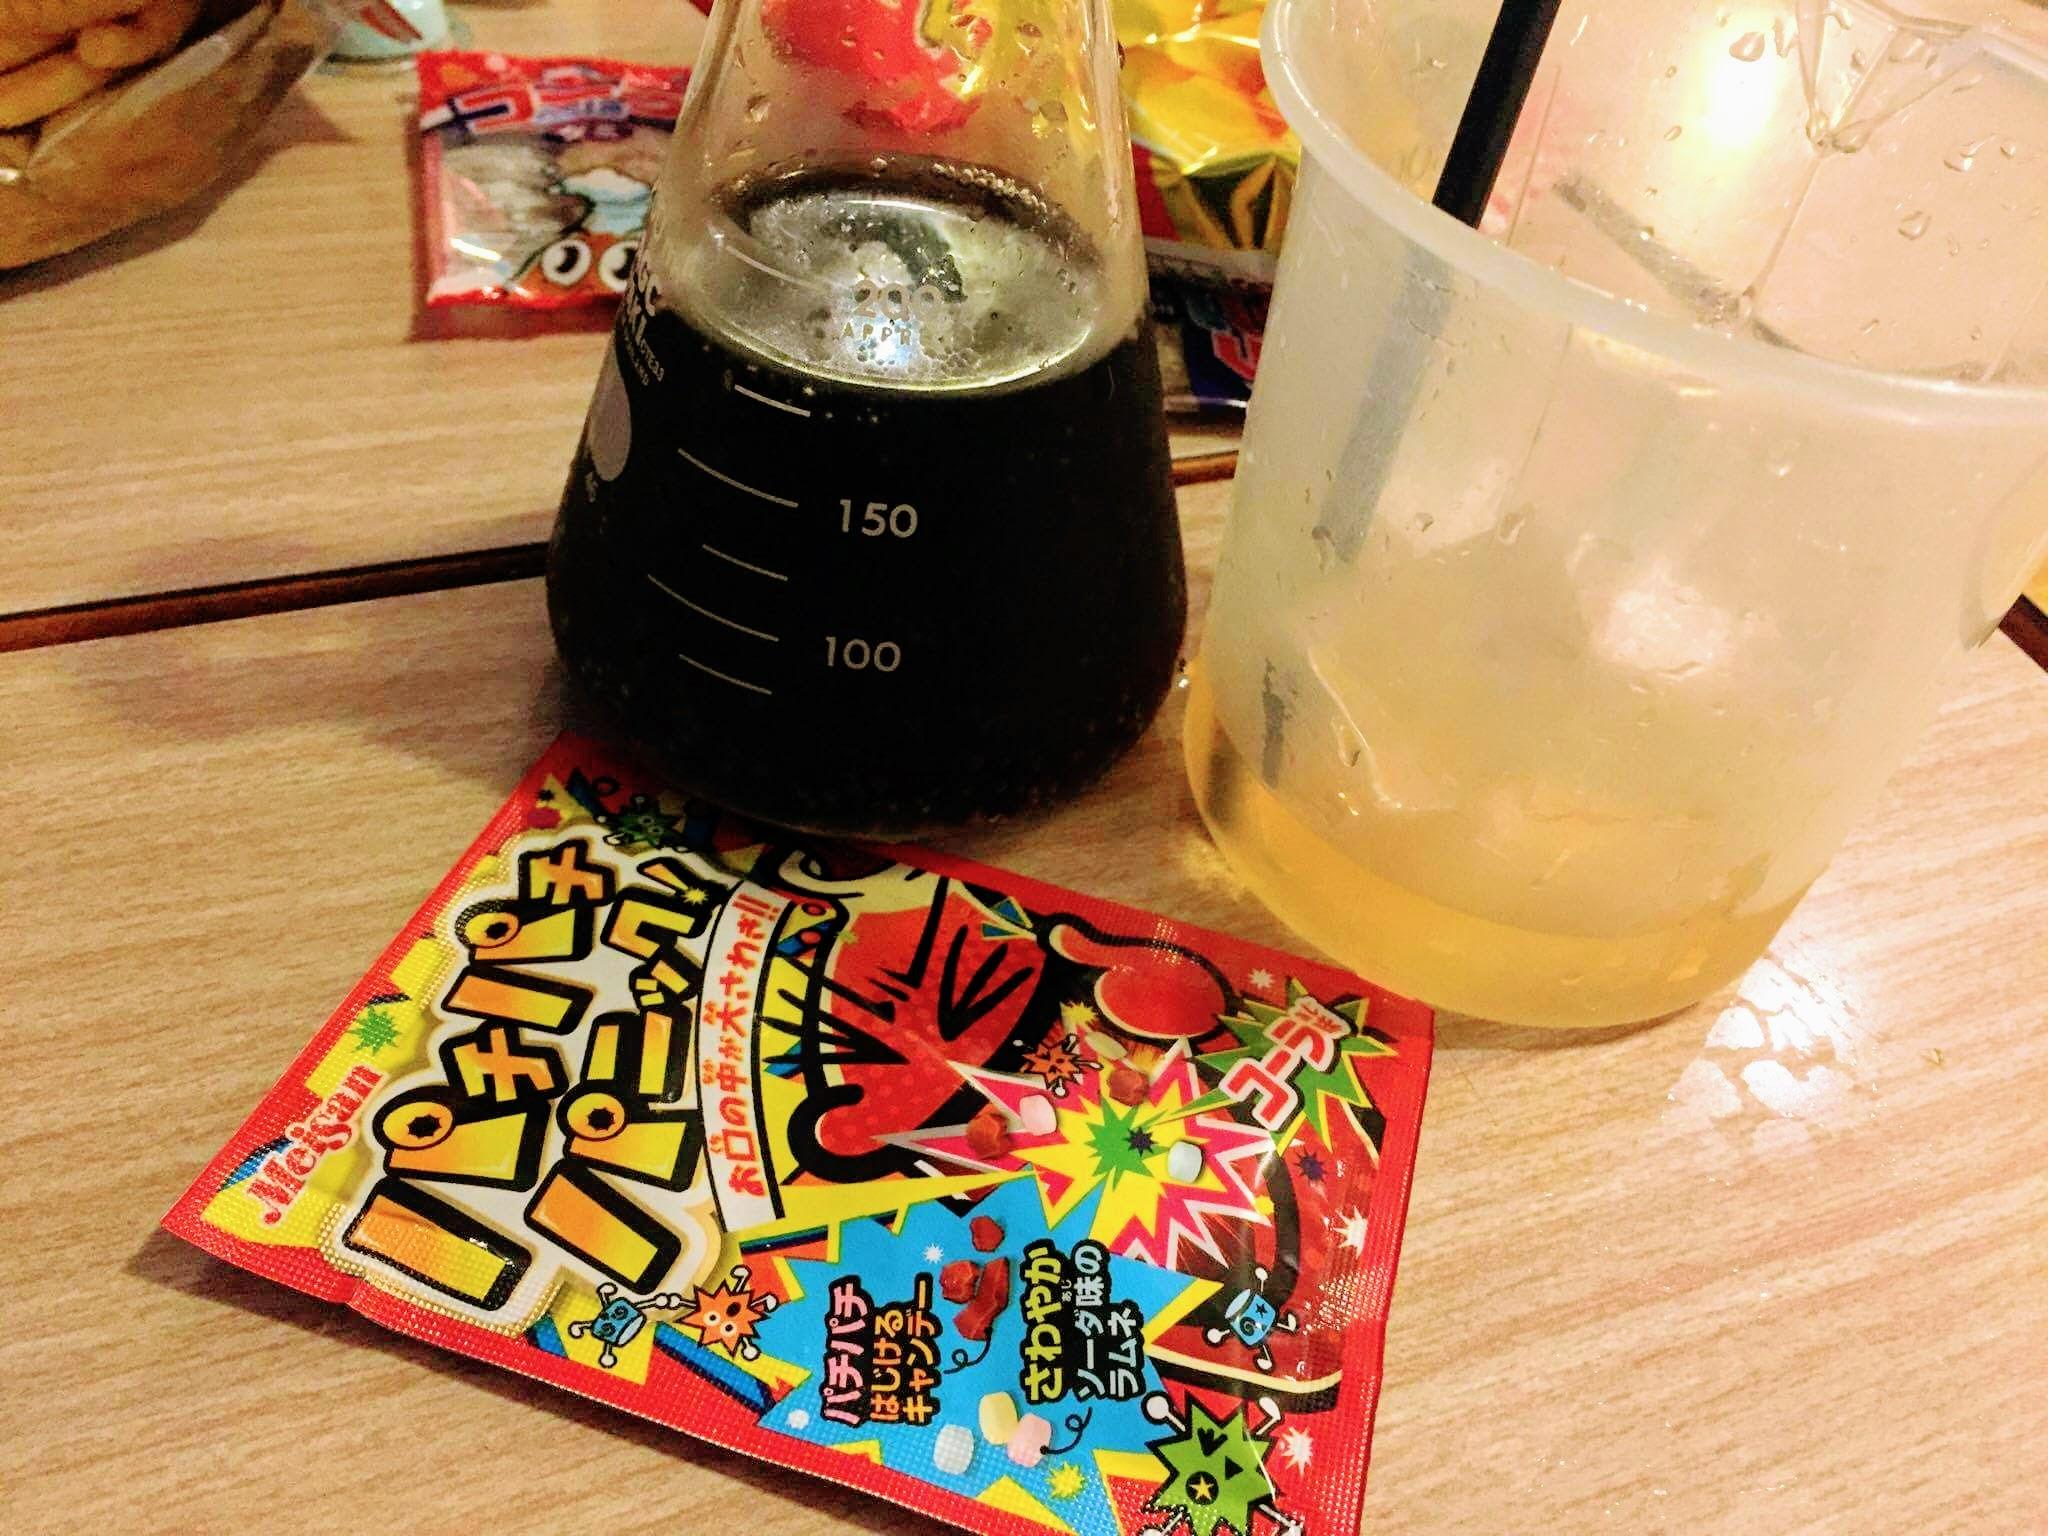 Rokunen Yonkumi Coke Drink